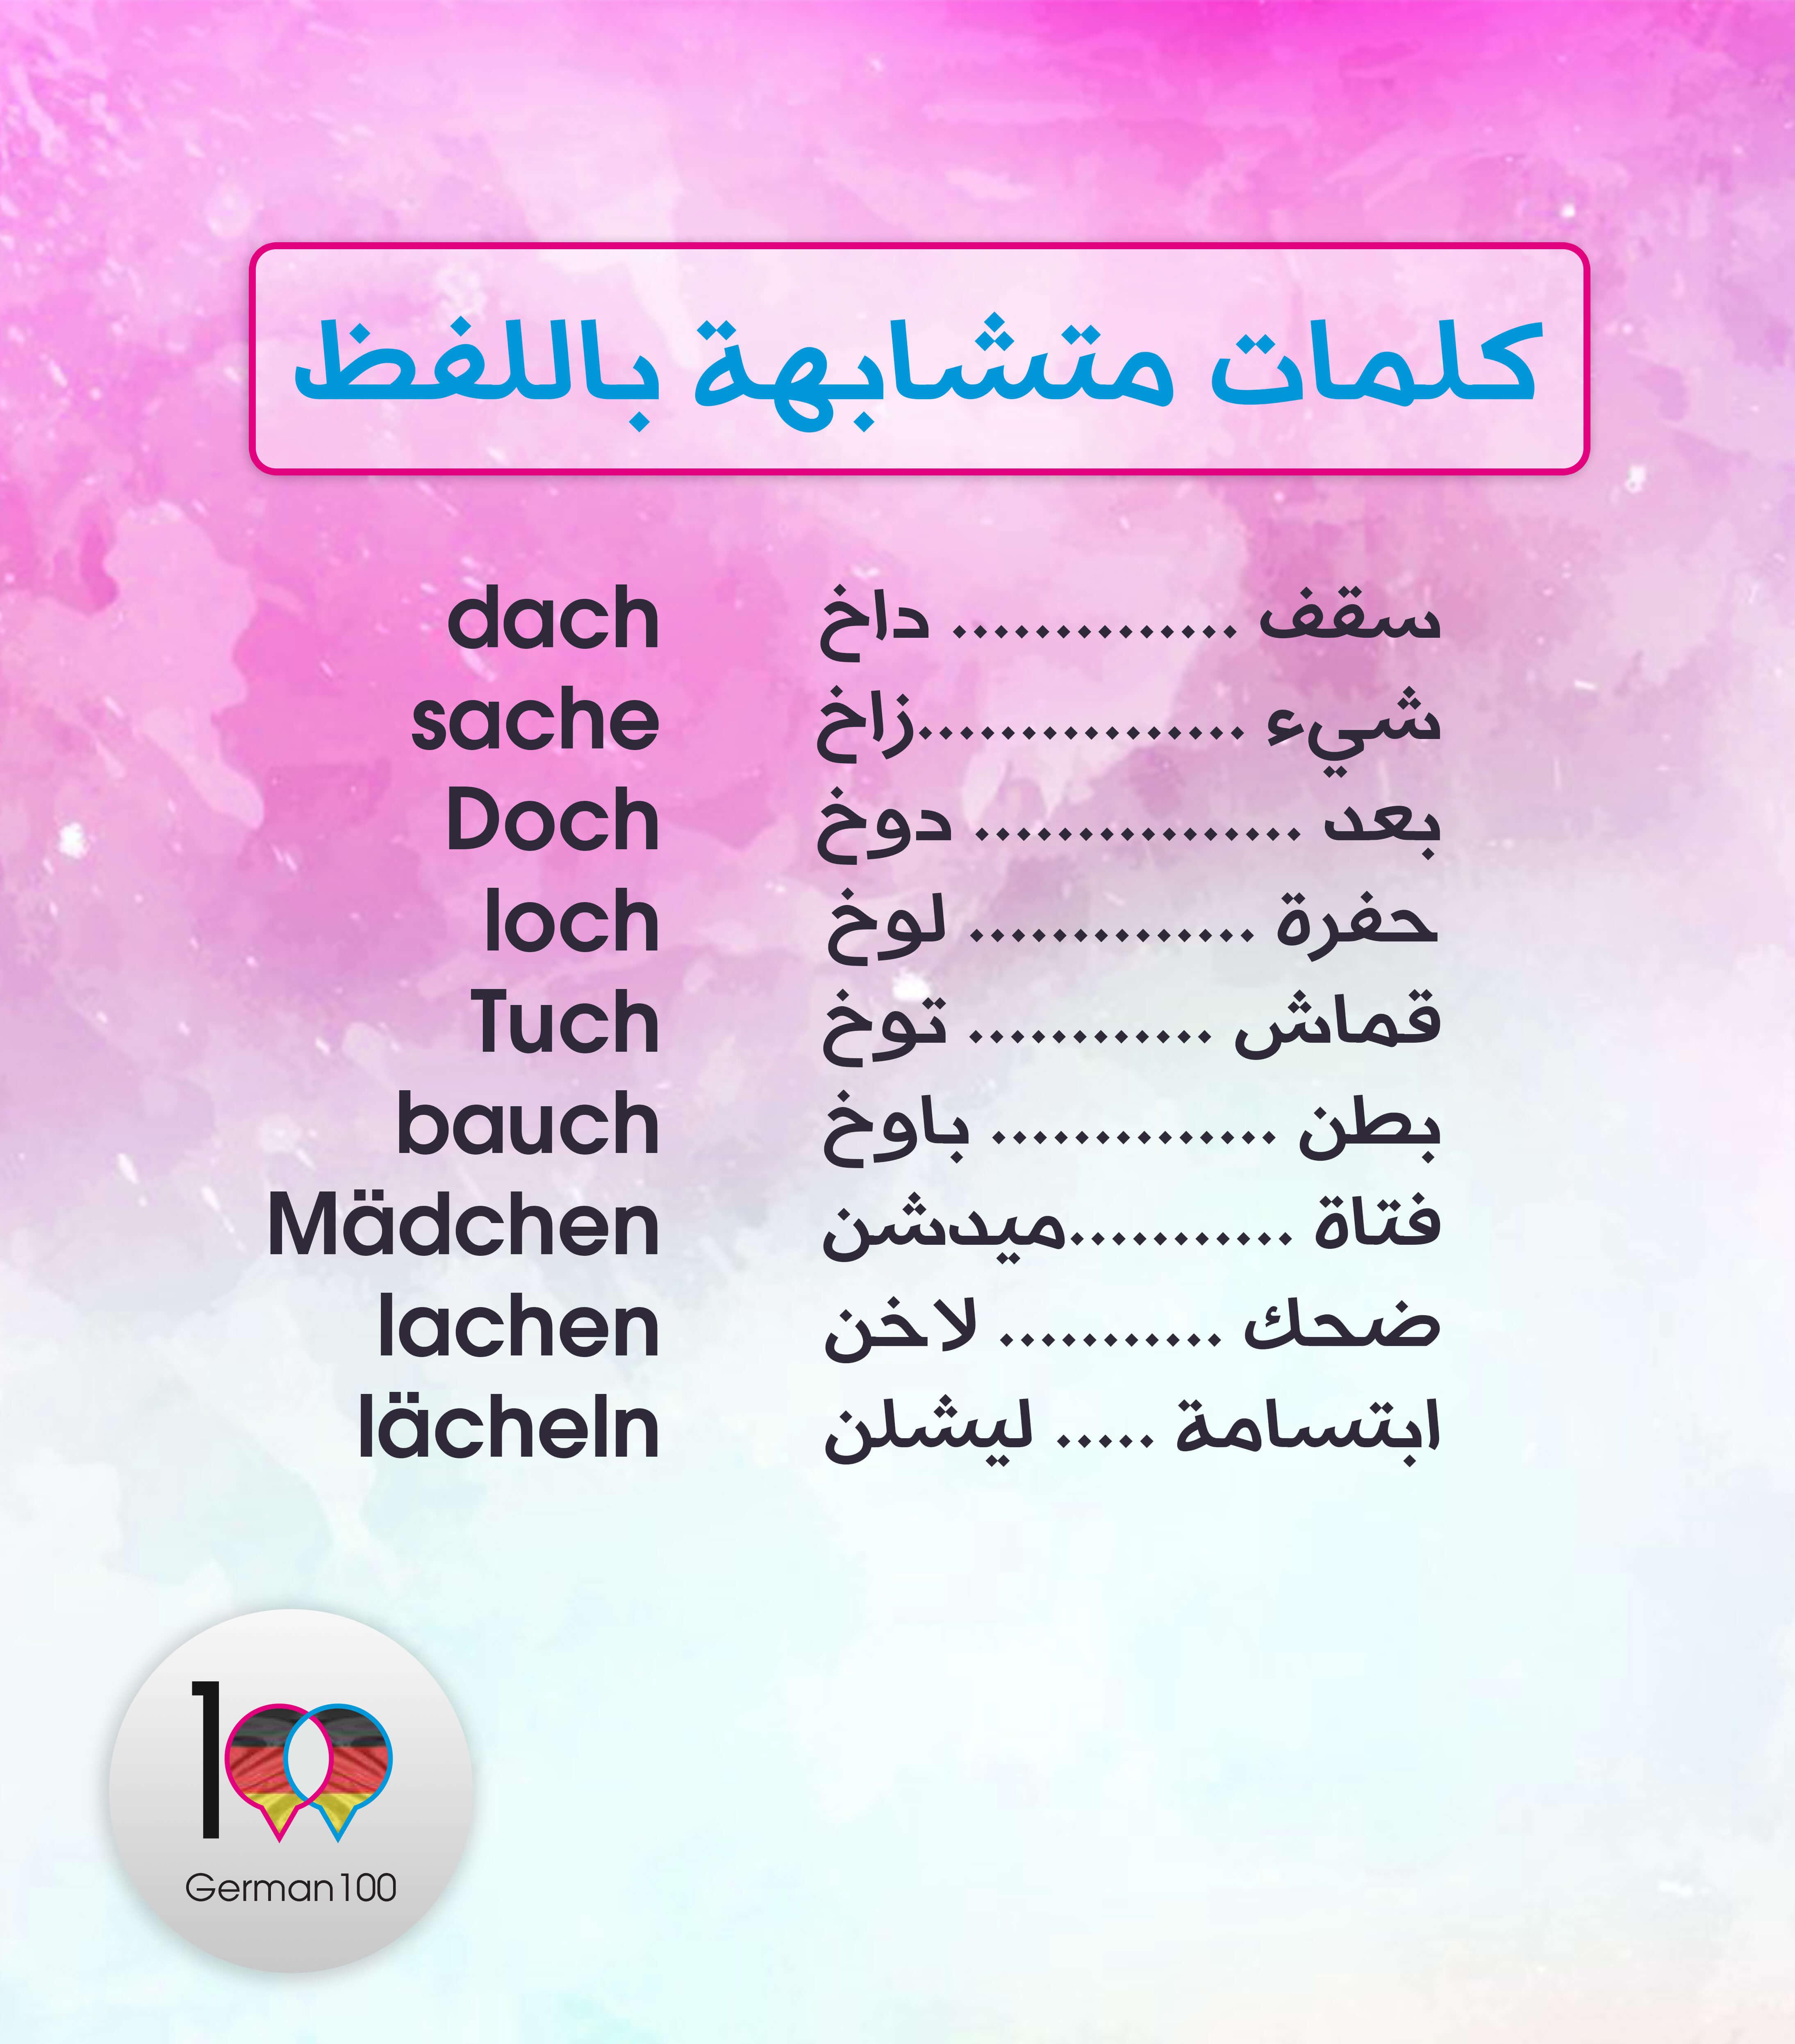 مفردات المانية متشابهة في اللفظ عليك اتقانها 7 1 تعلم اللغة الالمانية